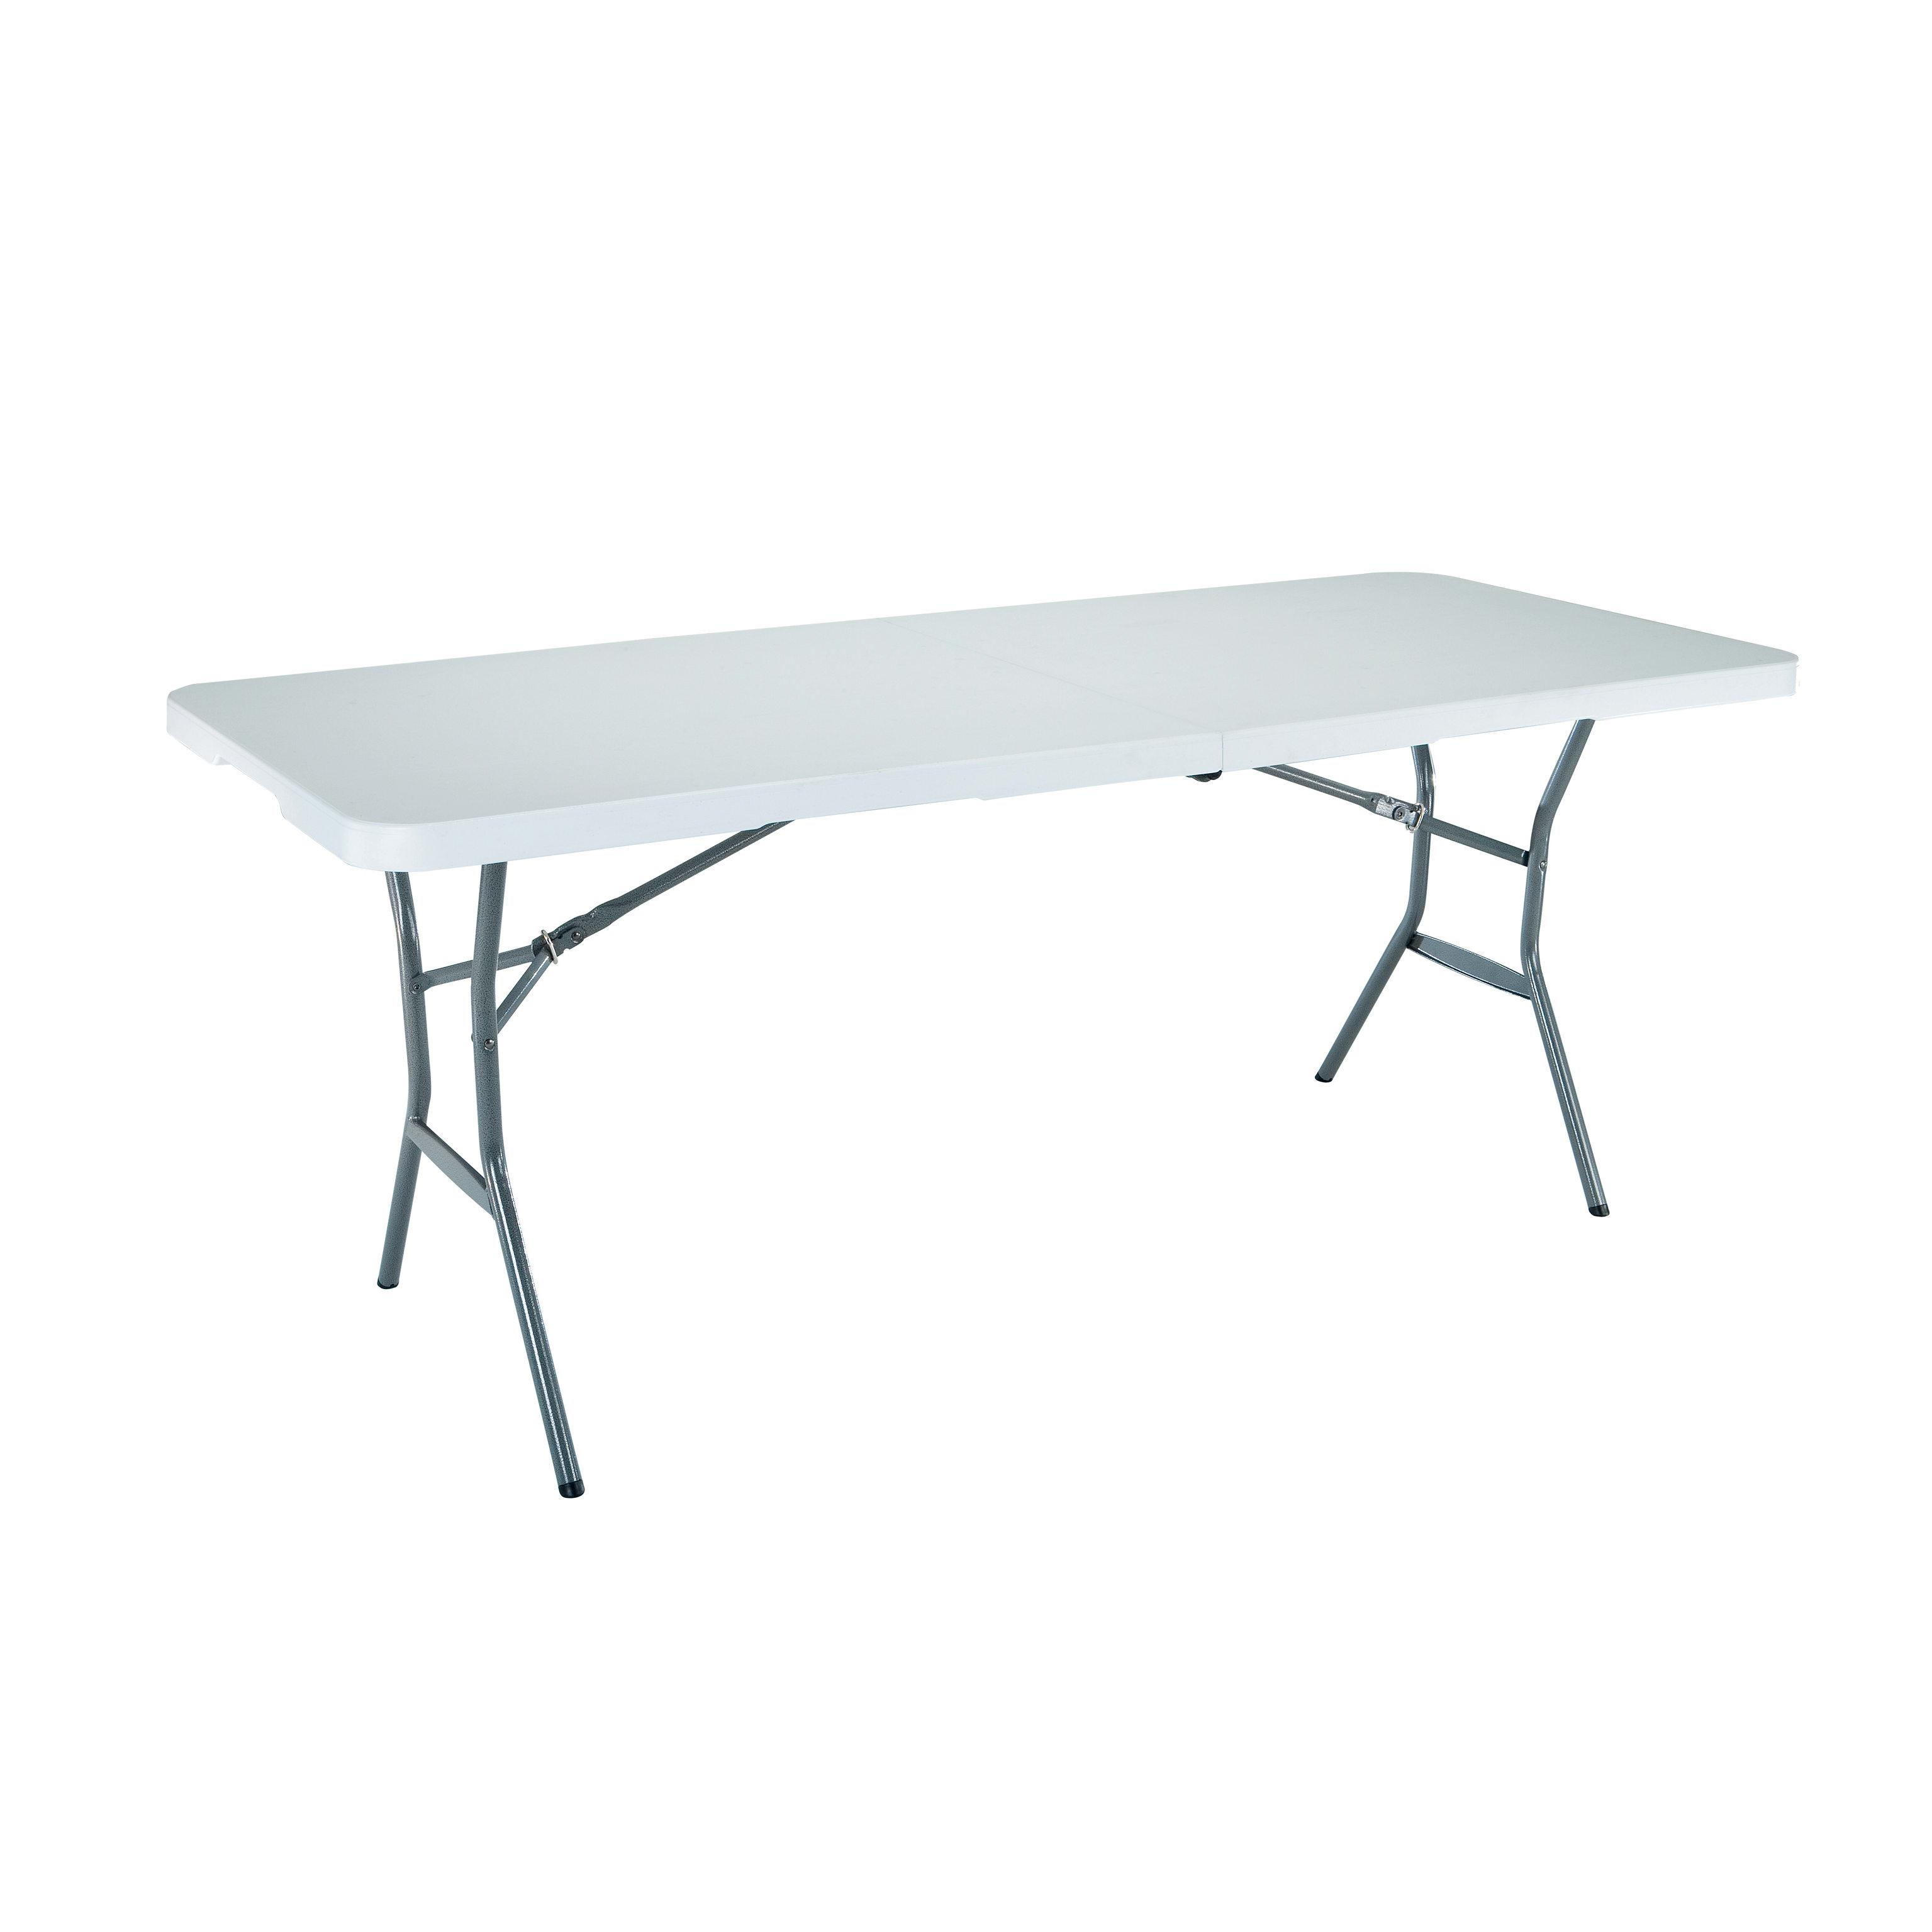 Tavoli Pieghevoli Plastica Per Catering.Tavolo Da Giardino Rettangolare Lifetime Con Piano In Plastica L